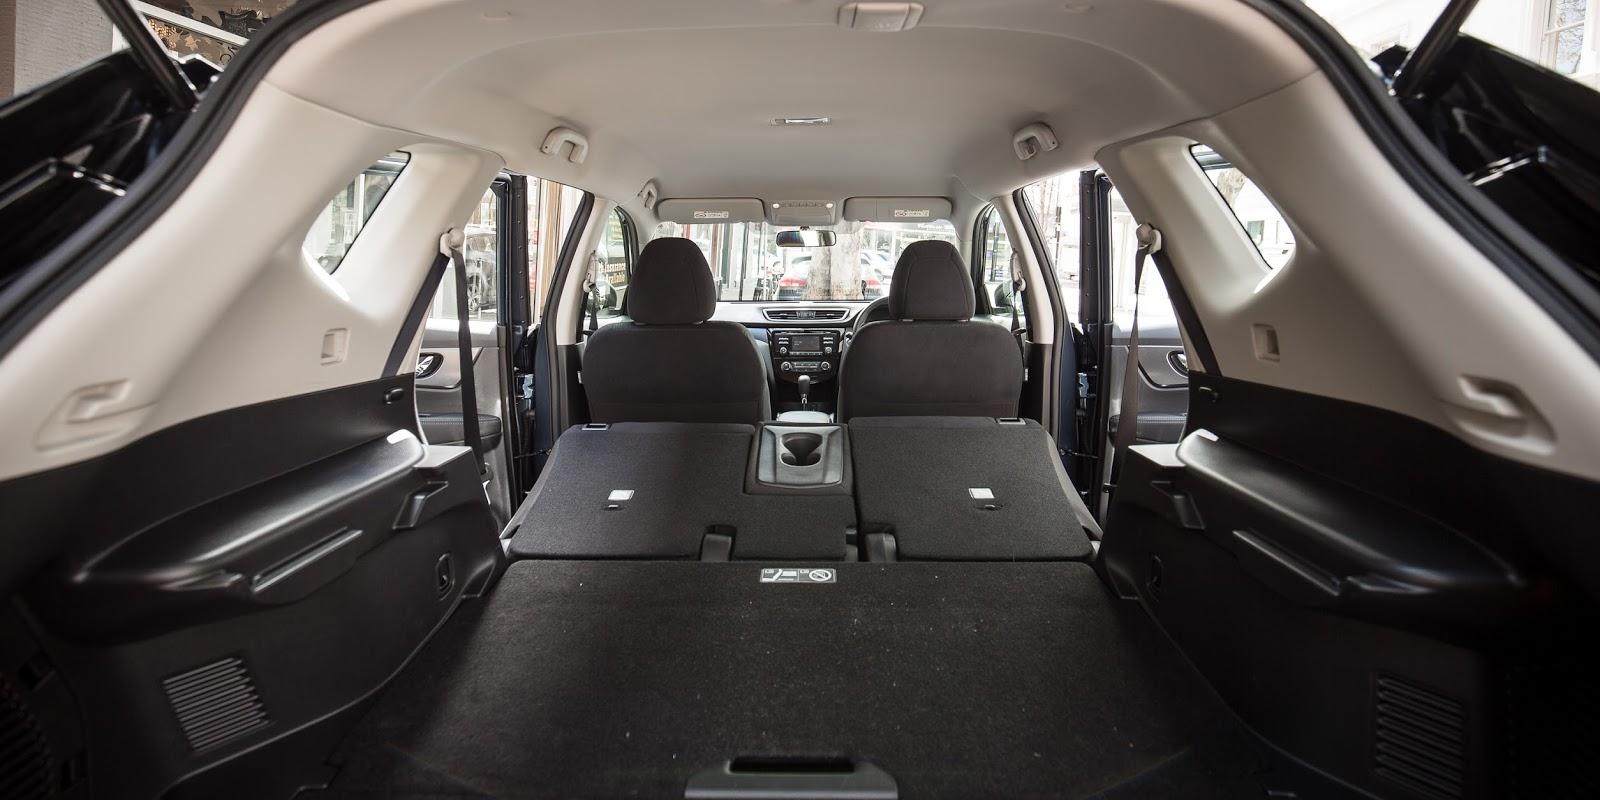 Khoang hành lý Nissan X-Trail 2016 chỉ rộng sau mỗi Honda CR-V